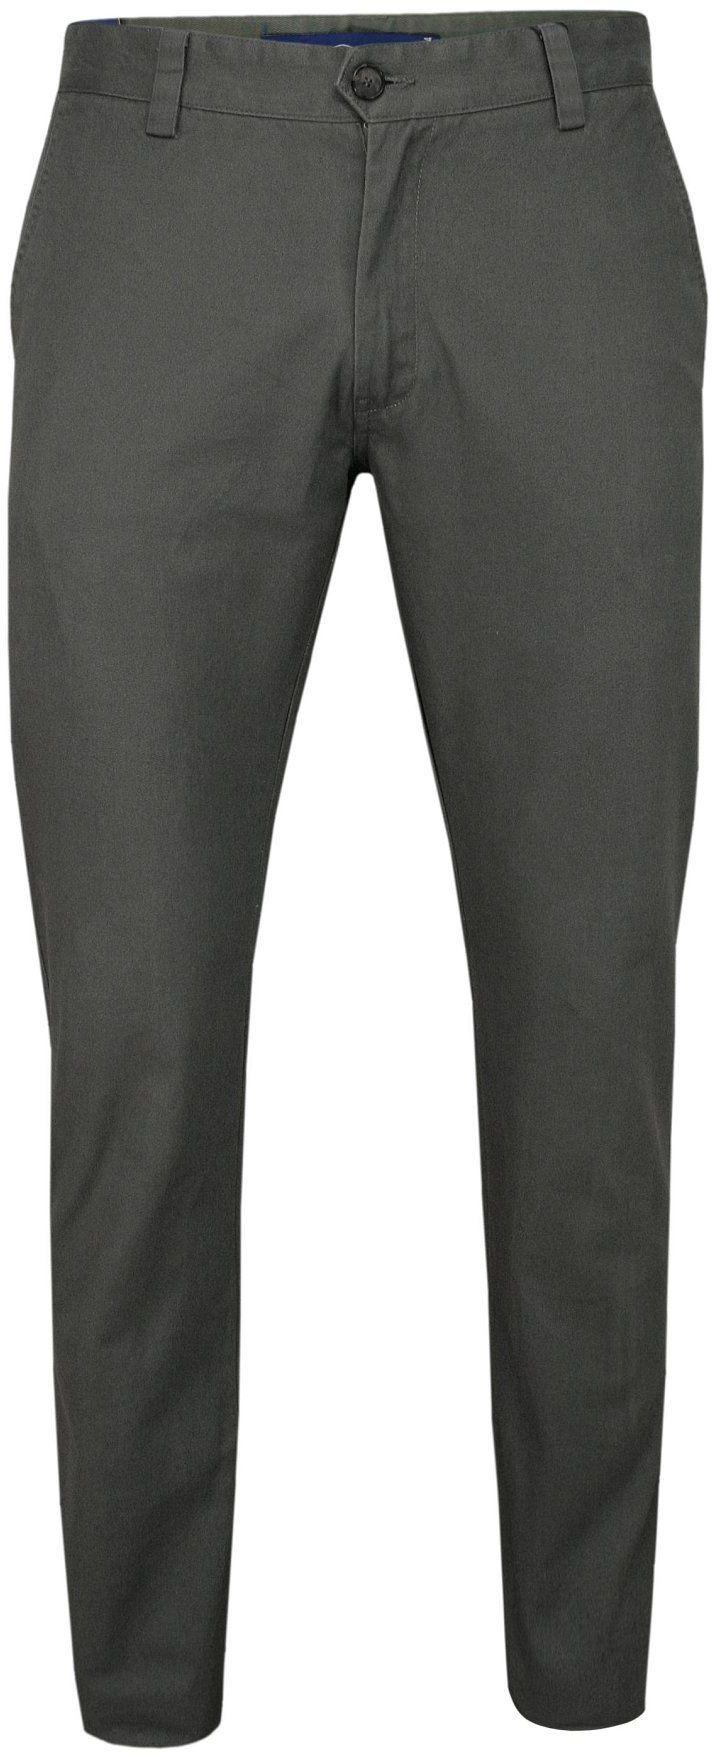 Szare, Popielate Bawełniane Spodnie Męskie, CHINOSY -CHIAO- Casualowe, Stylowe SPCHIAOM5B03popiel